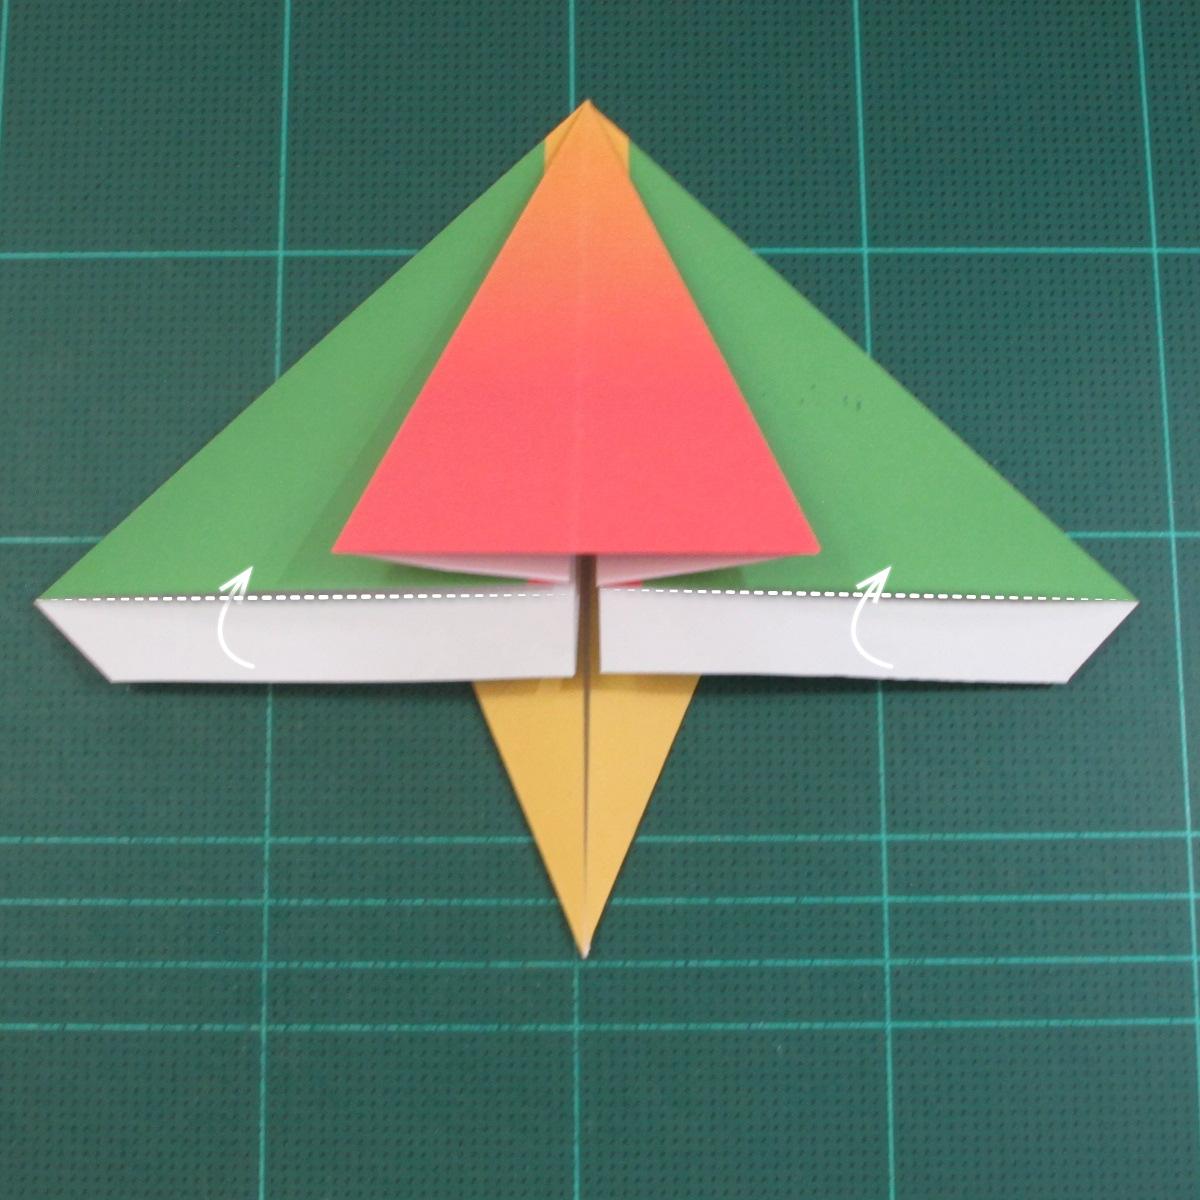 วิธีพับกระดาษเป็นรูปนกแก้ว (Origami Parrot) 018